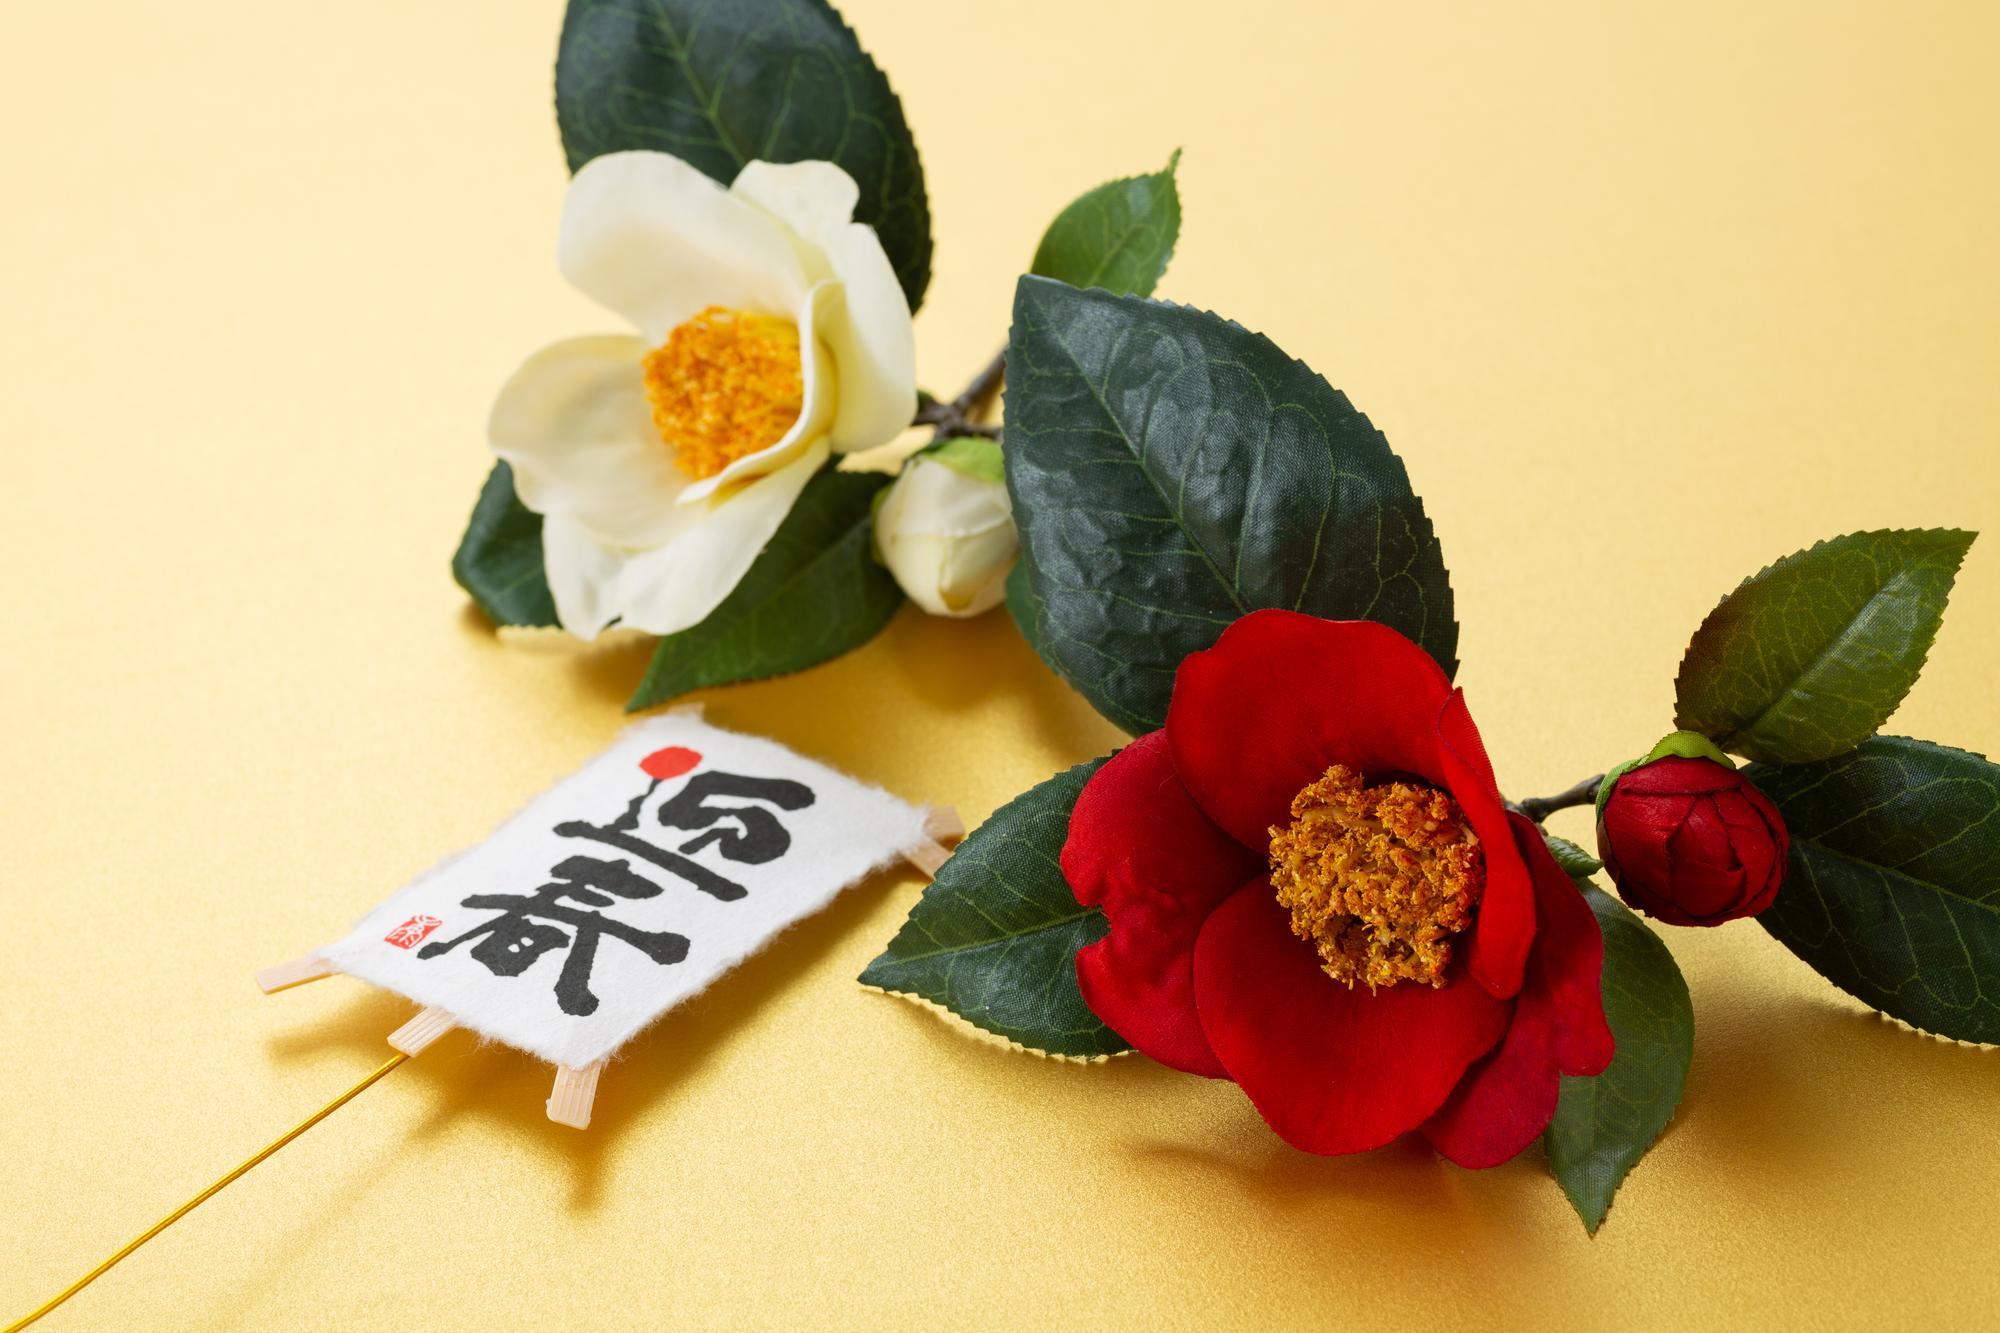 【生活雑貨繁盛日記 】vol.50「新年のご挨拶」